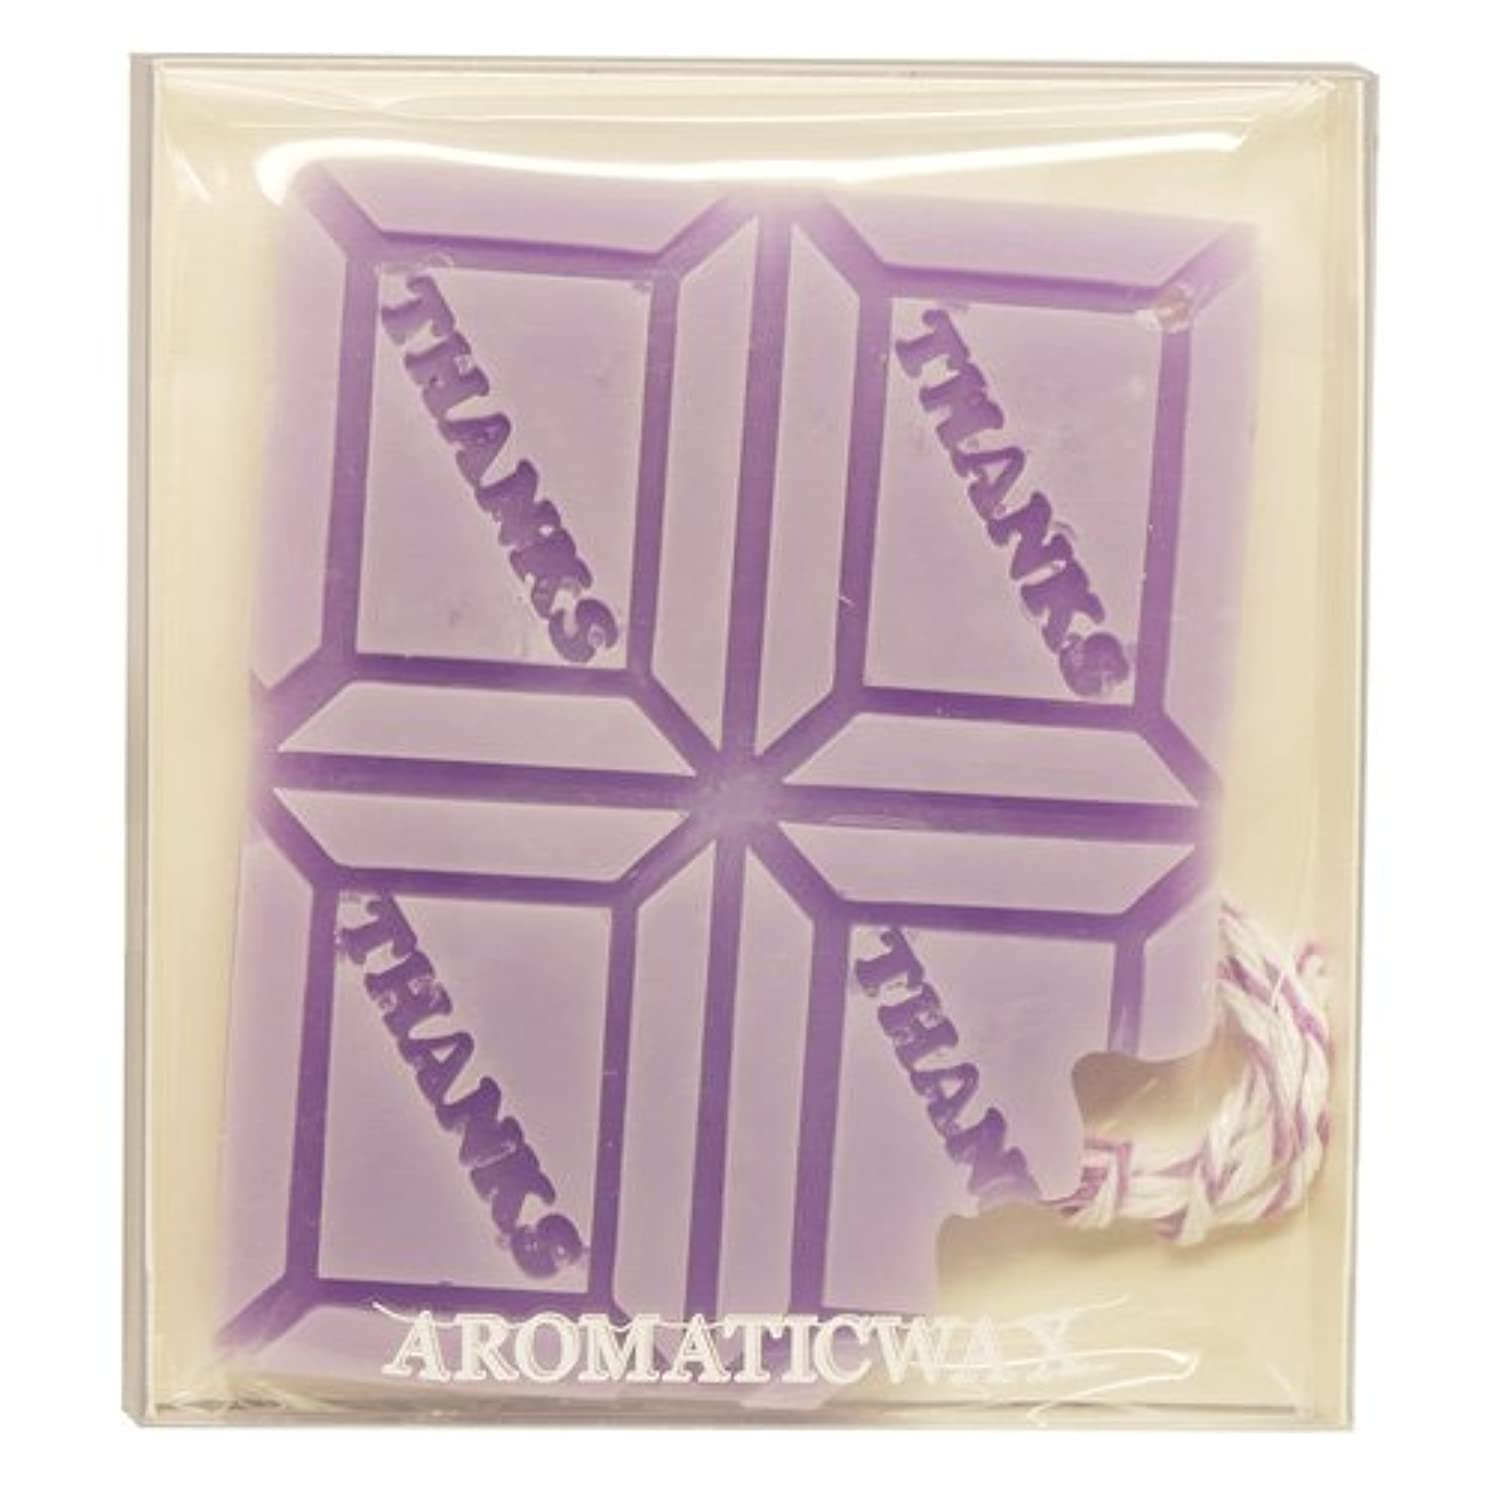 周術期納得させる動機GRASSE TOKYO AROMATICWAXチャーム「板チョコ(THANKS)」(PU) ラベンダー アロマティックワックス グラーストウキョウ